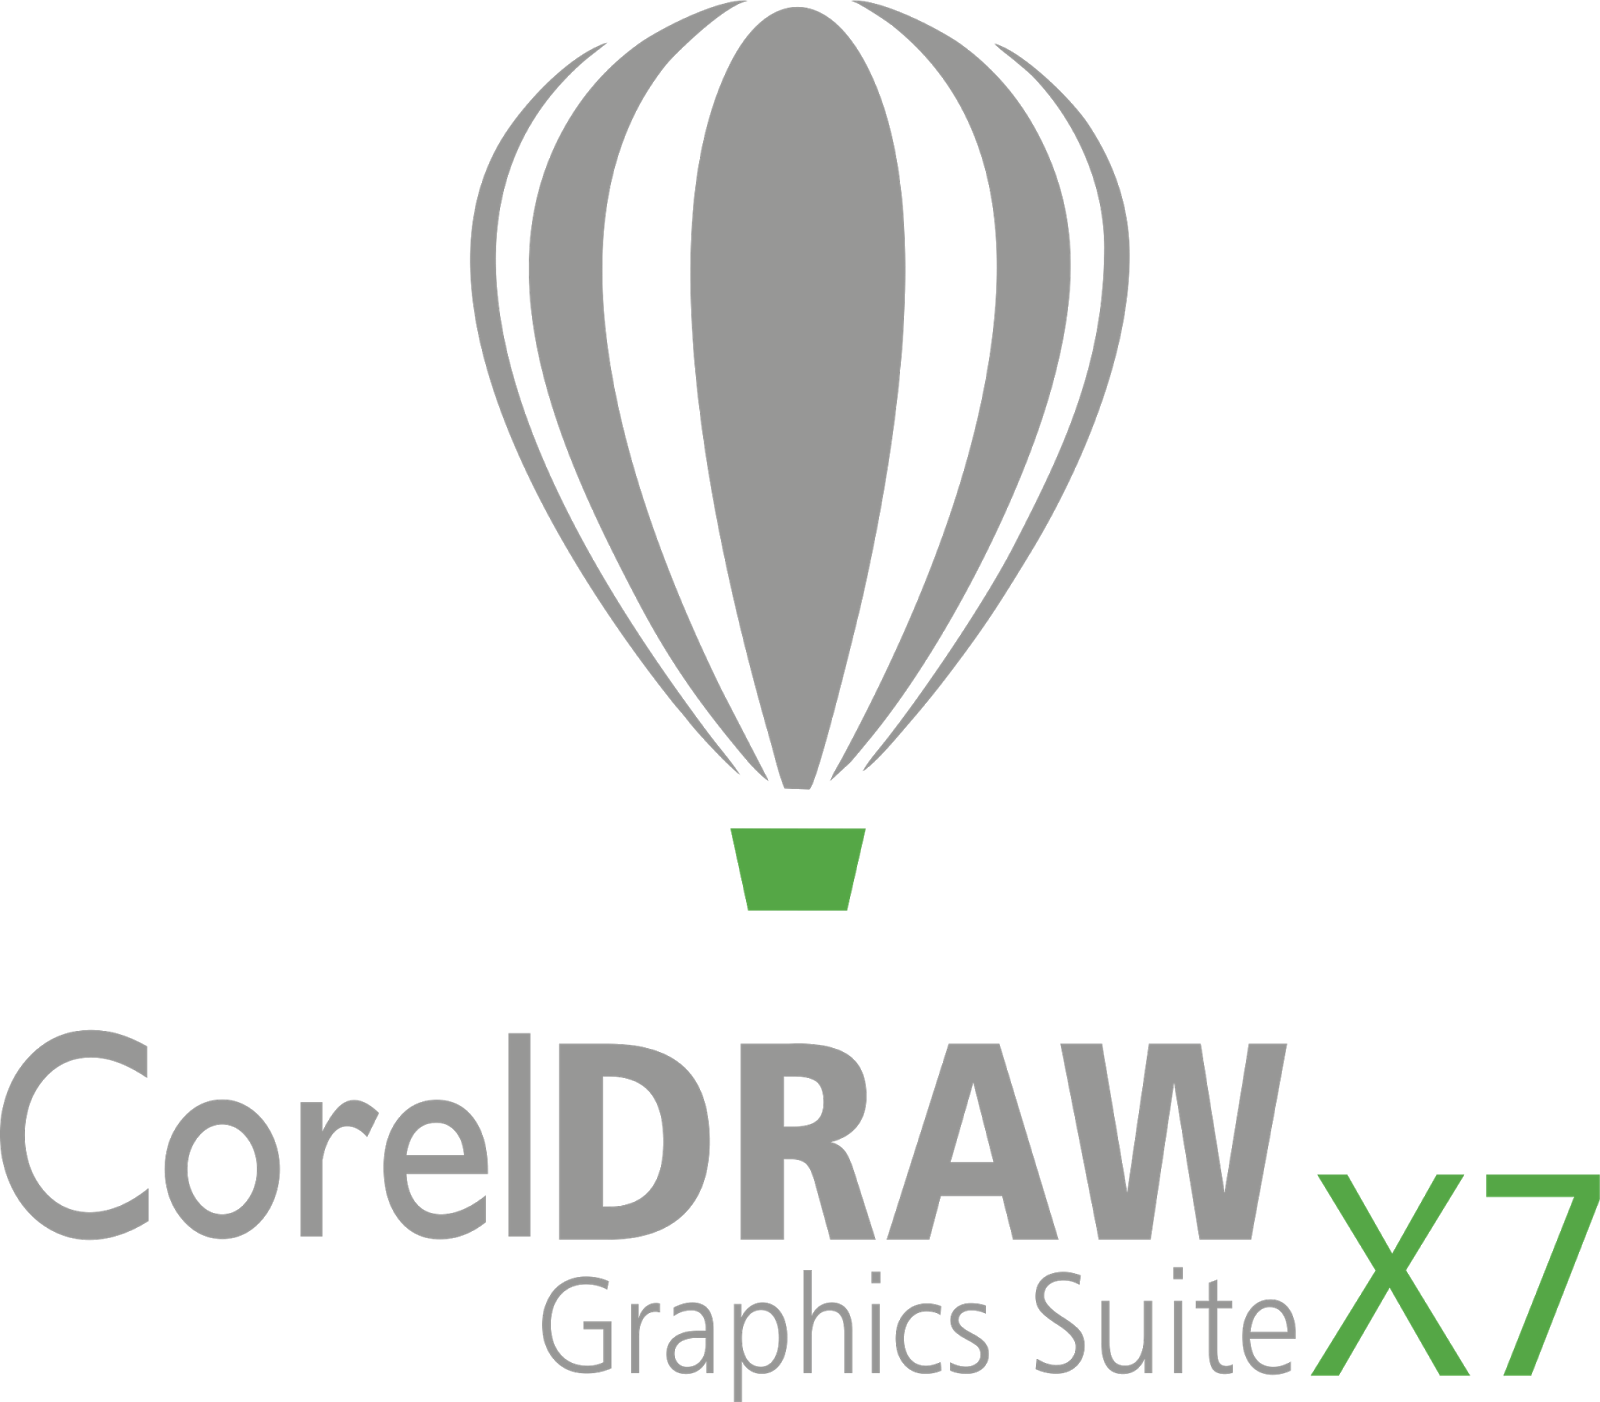 CorelDRAW_X7.png